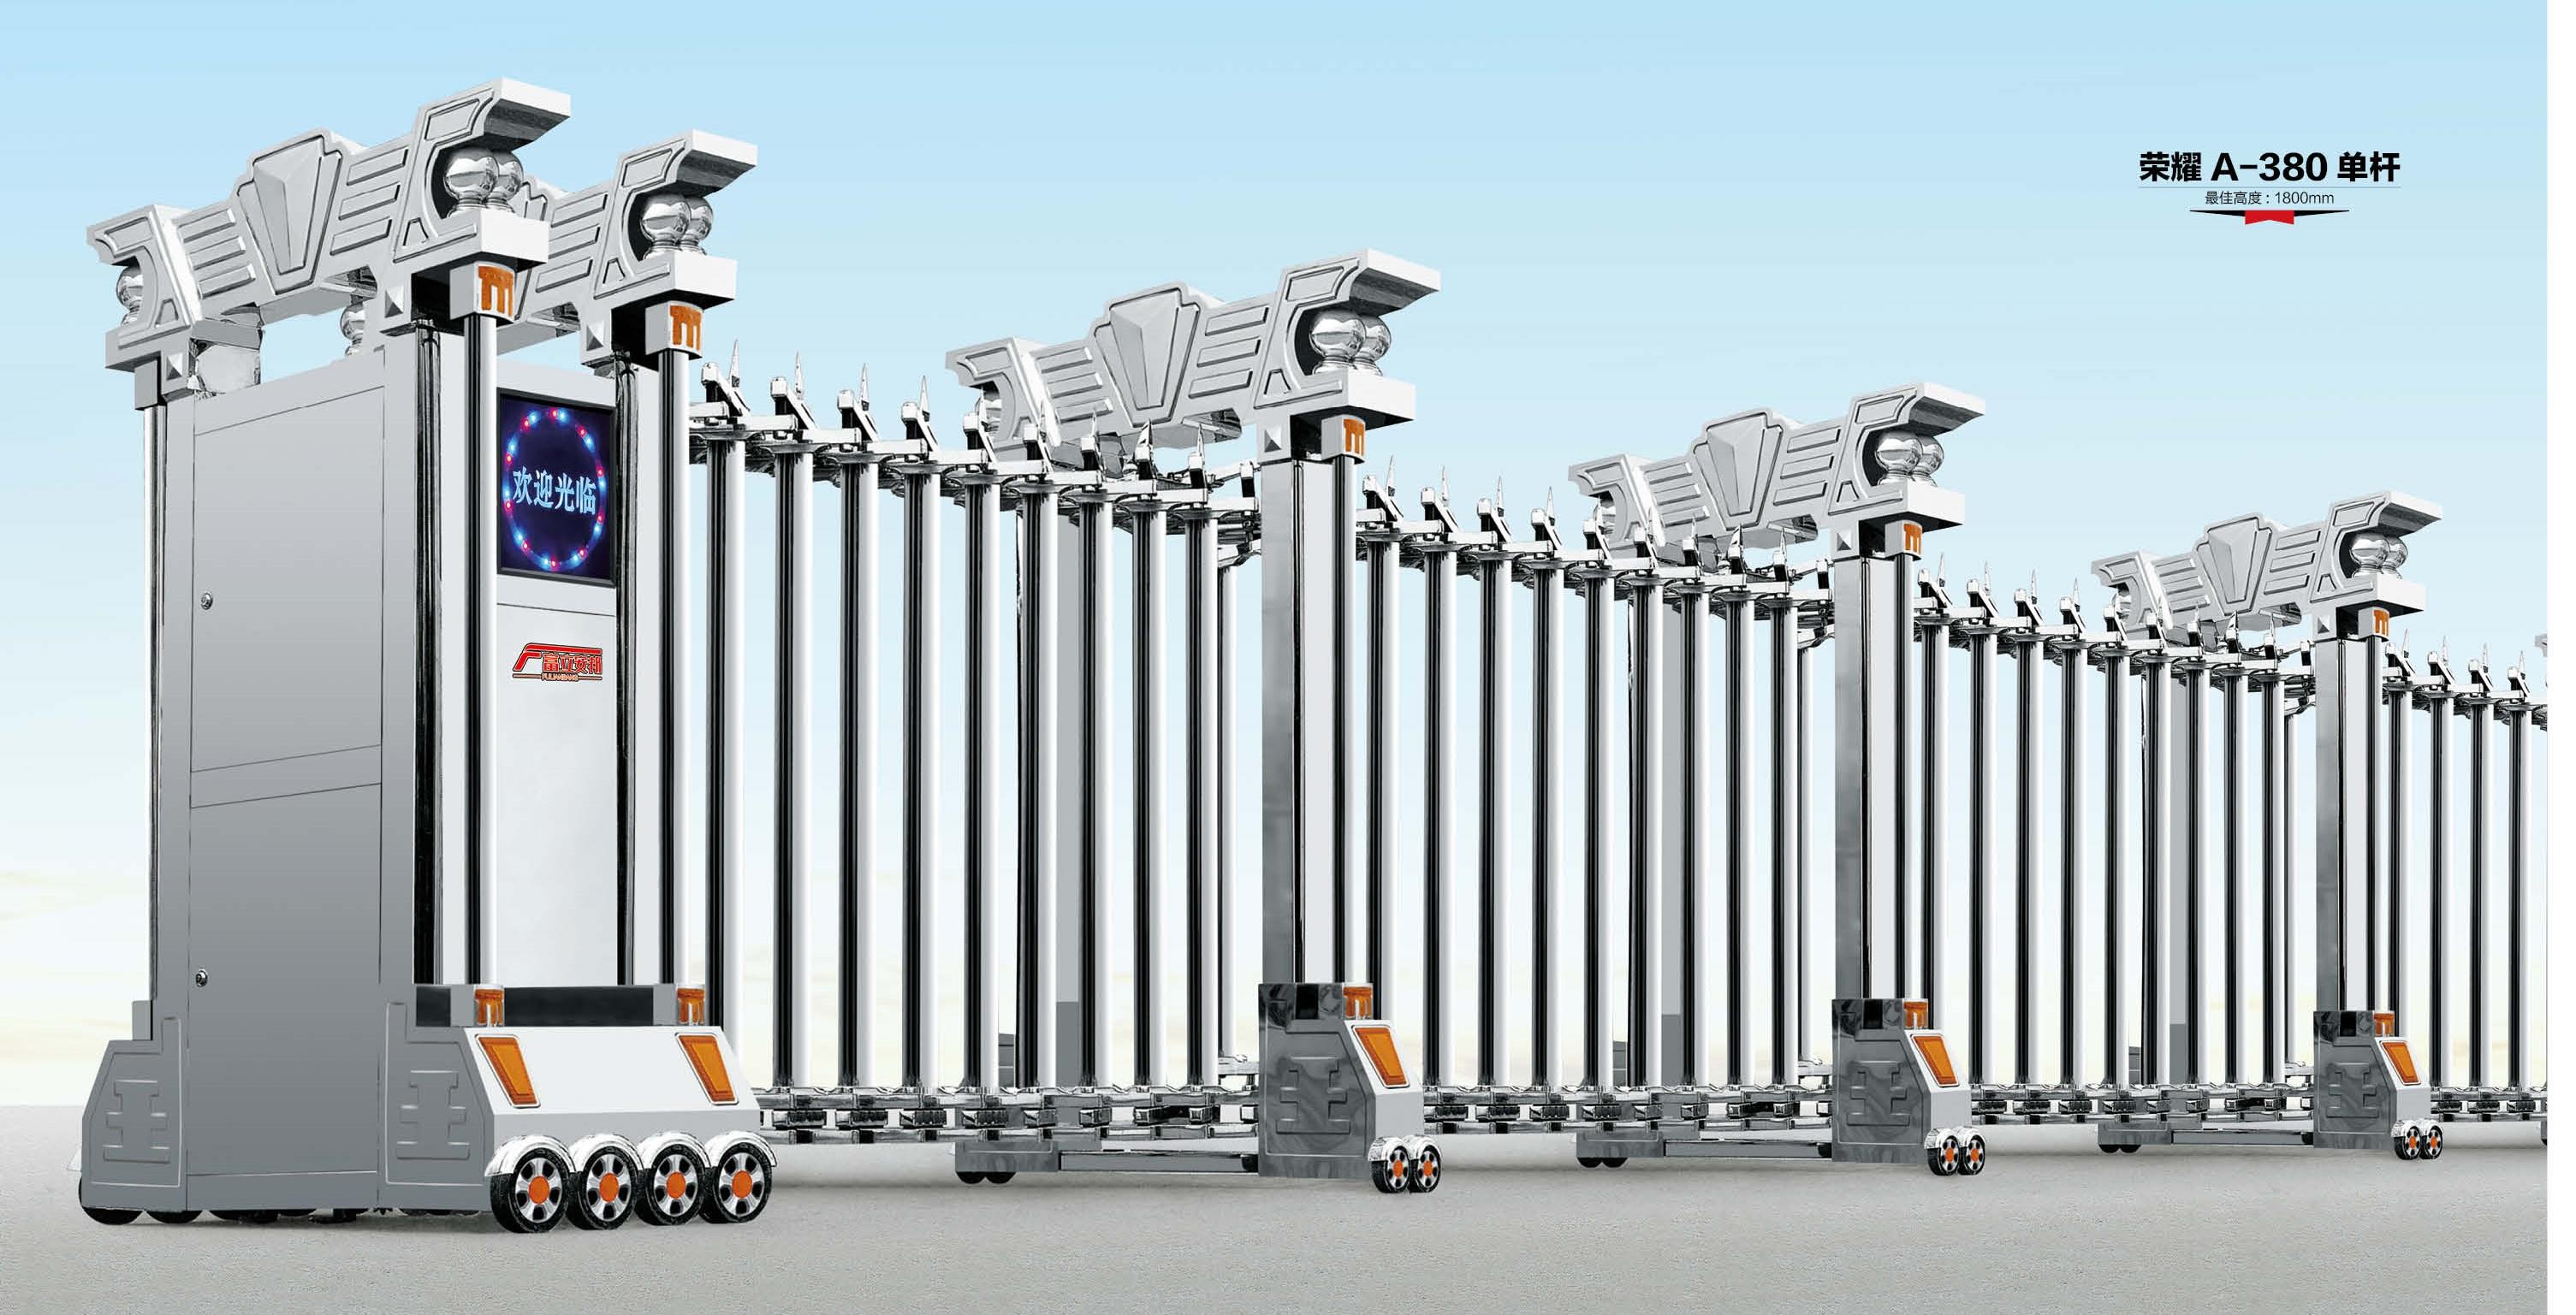 哈尔滨伸缩门电动伸缩门价格,电动门,自动伸缩门-不锈钢伸缩门厂家